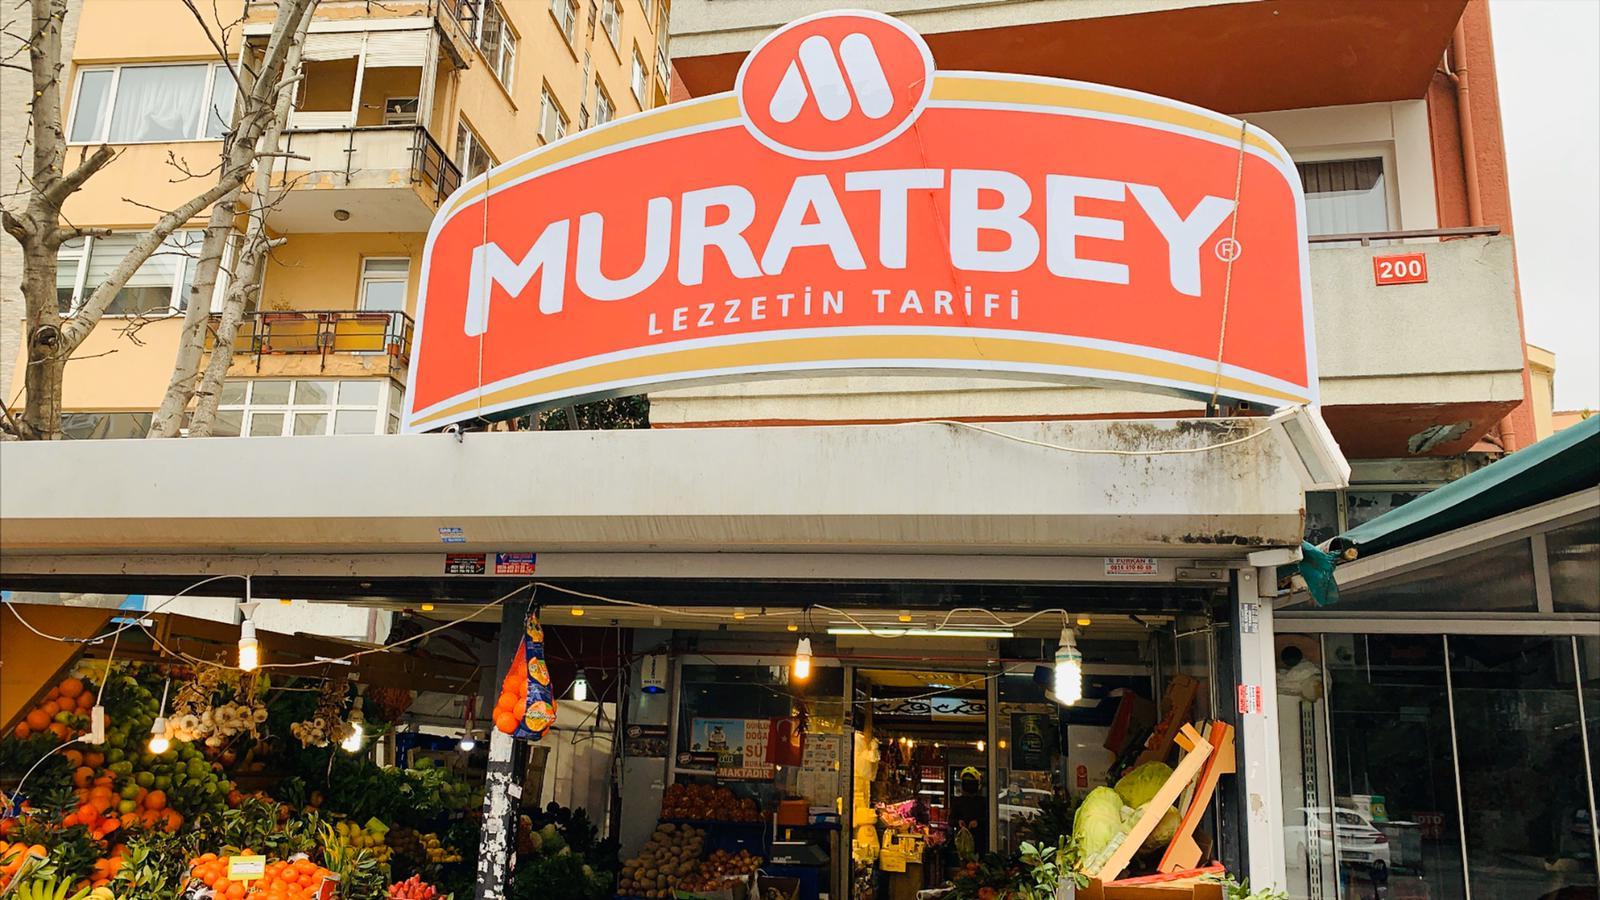 Muratbey Çiftliği